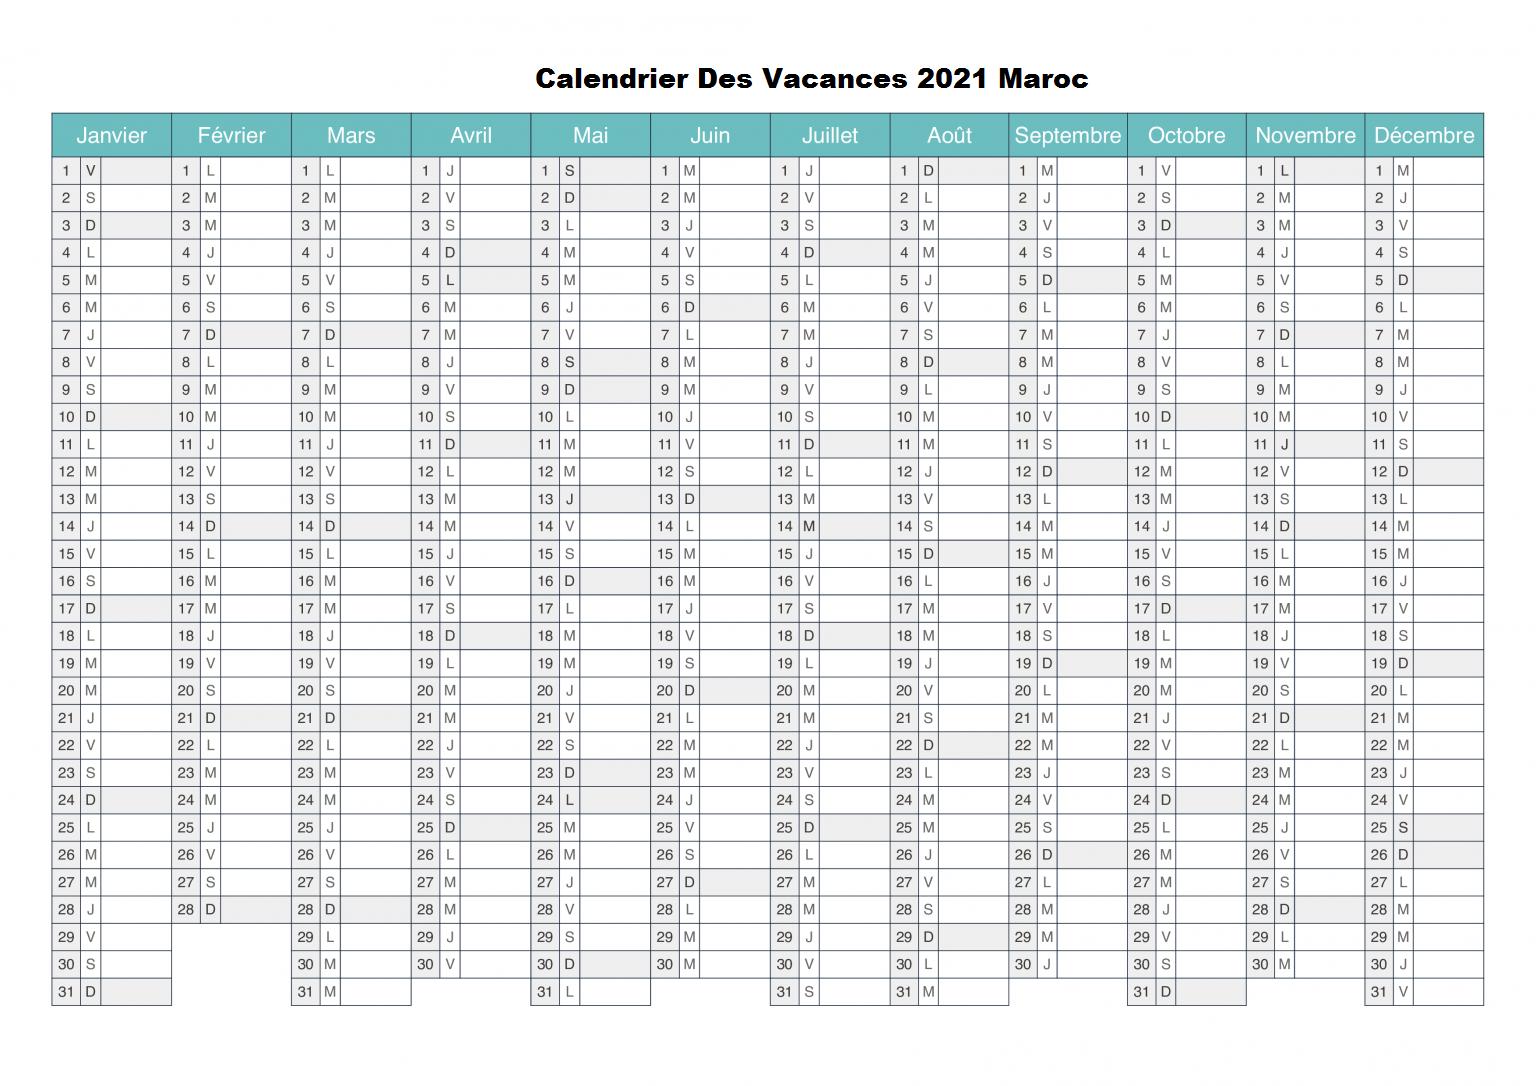 Calendrier Des Vacances 2021 Maroc